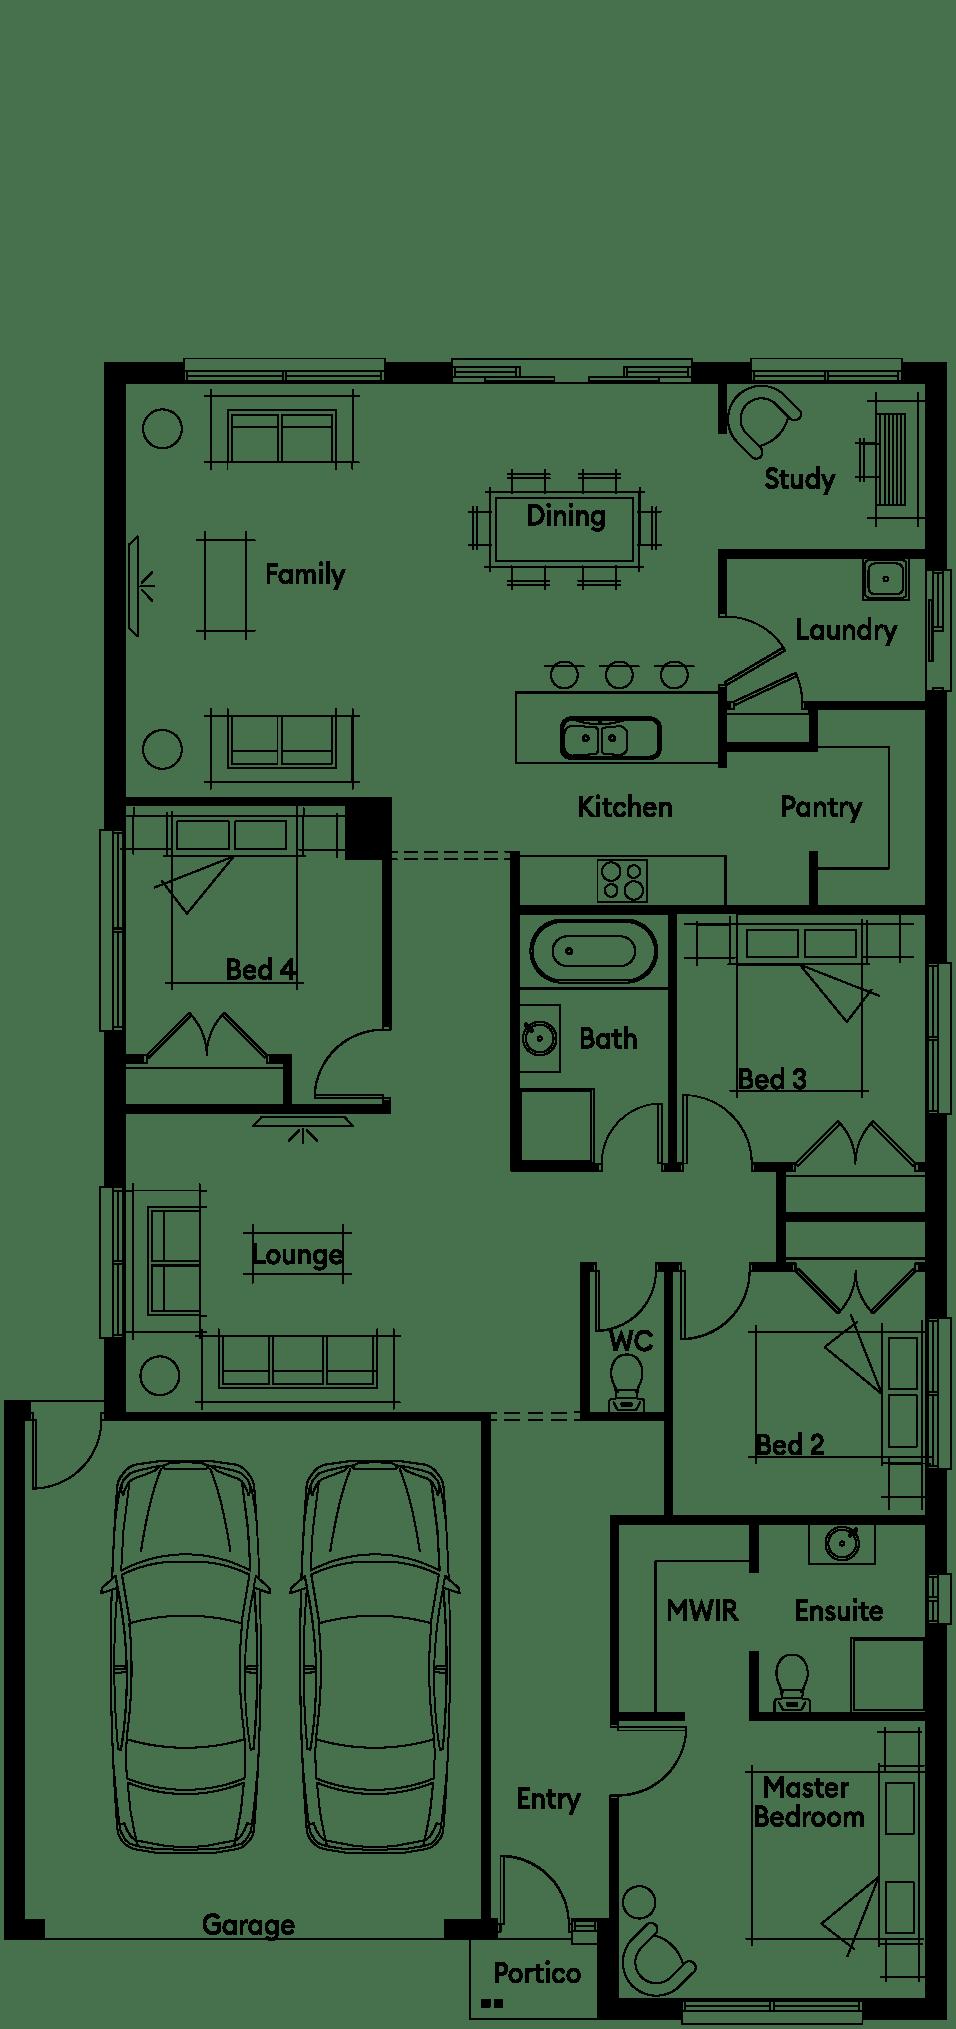 FloorPlan1_HOUSE760_Lamont_22-4